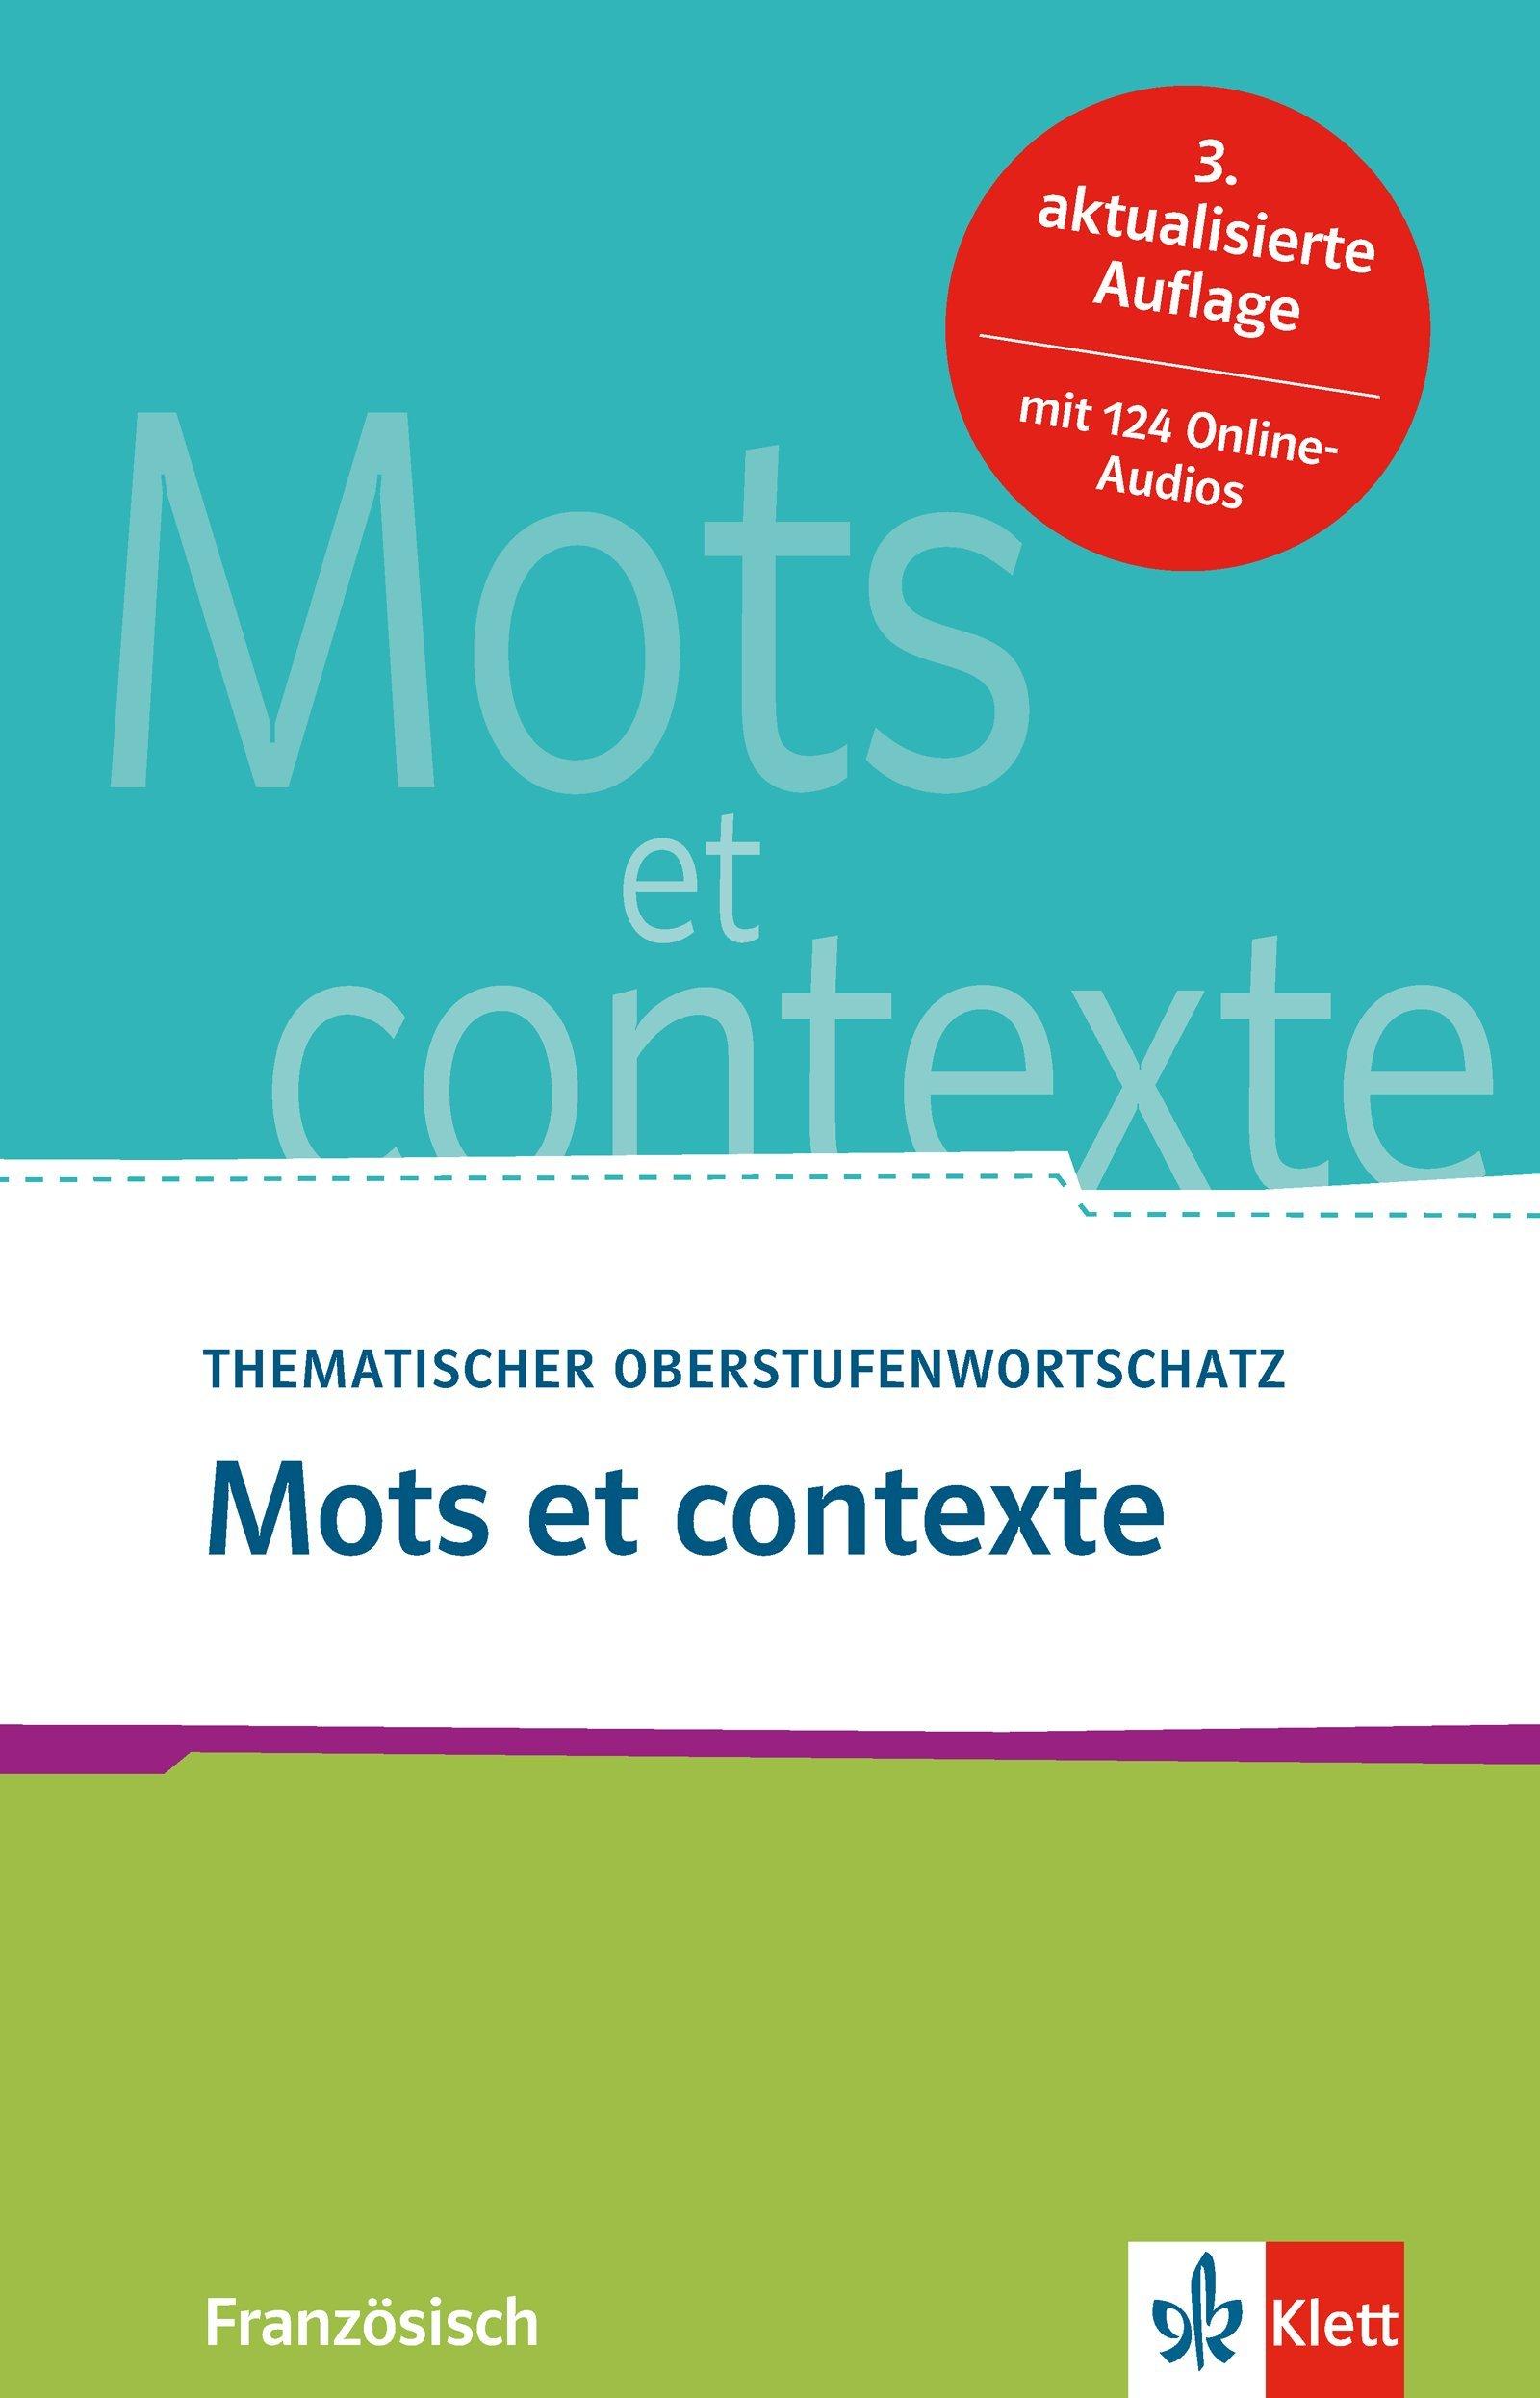 Mots et contexte: Thematischer Oberstufenwortschatz Französisch